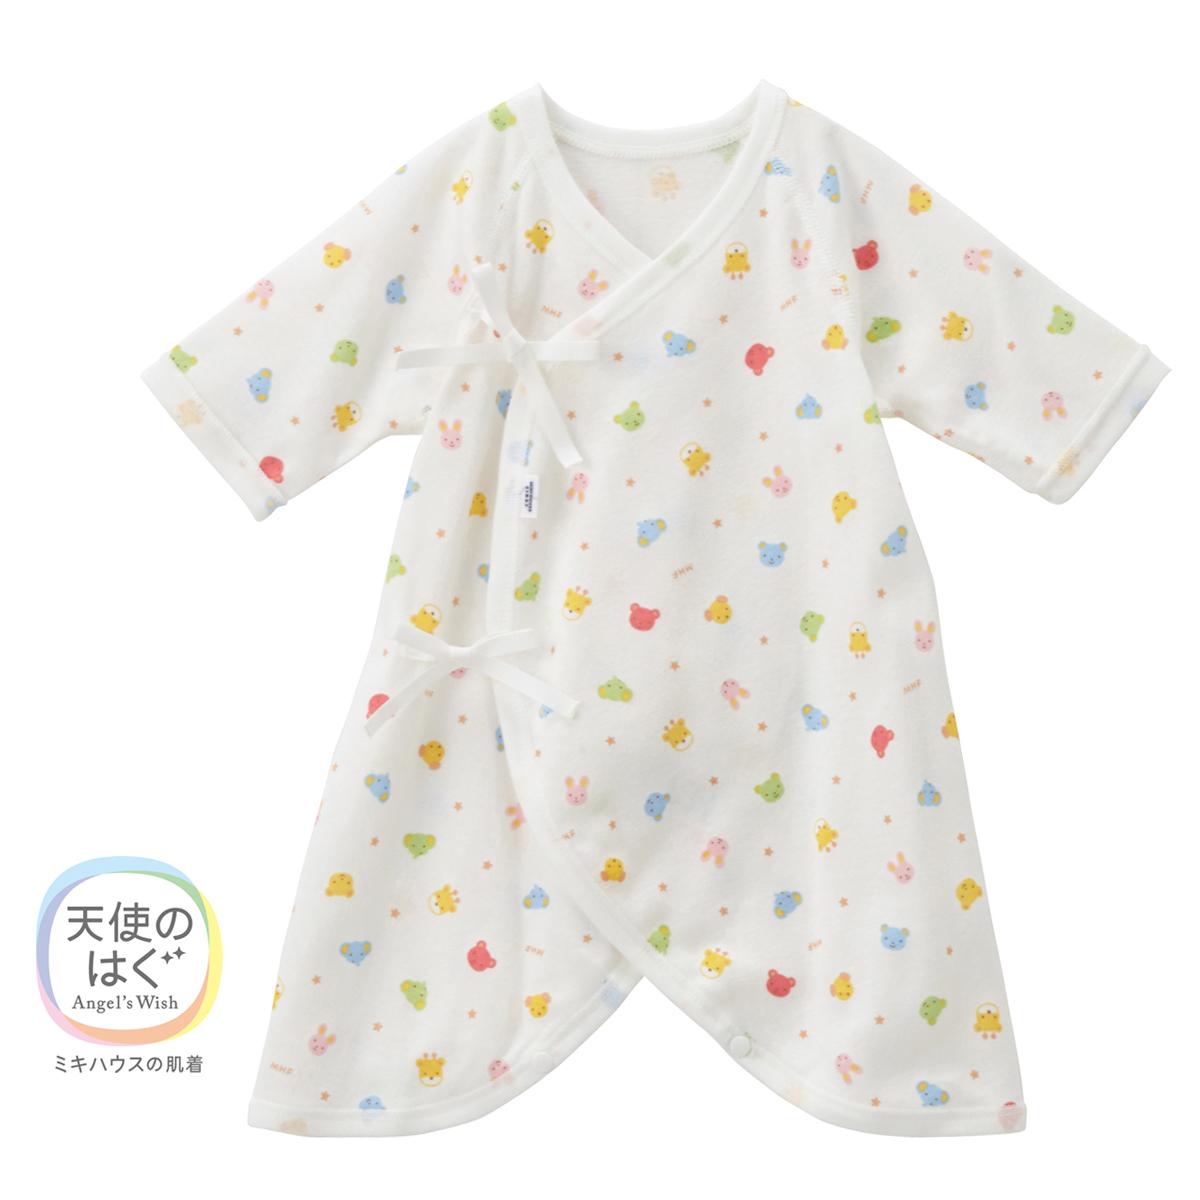 ミキハウス mikihouse ピュアベール 天使のはぐ カラフルどうぶつと星柄のフライスコンビ肌着カラー写真01